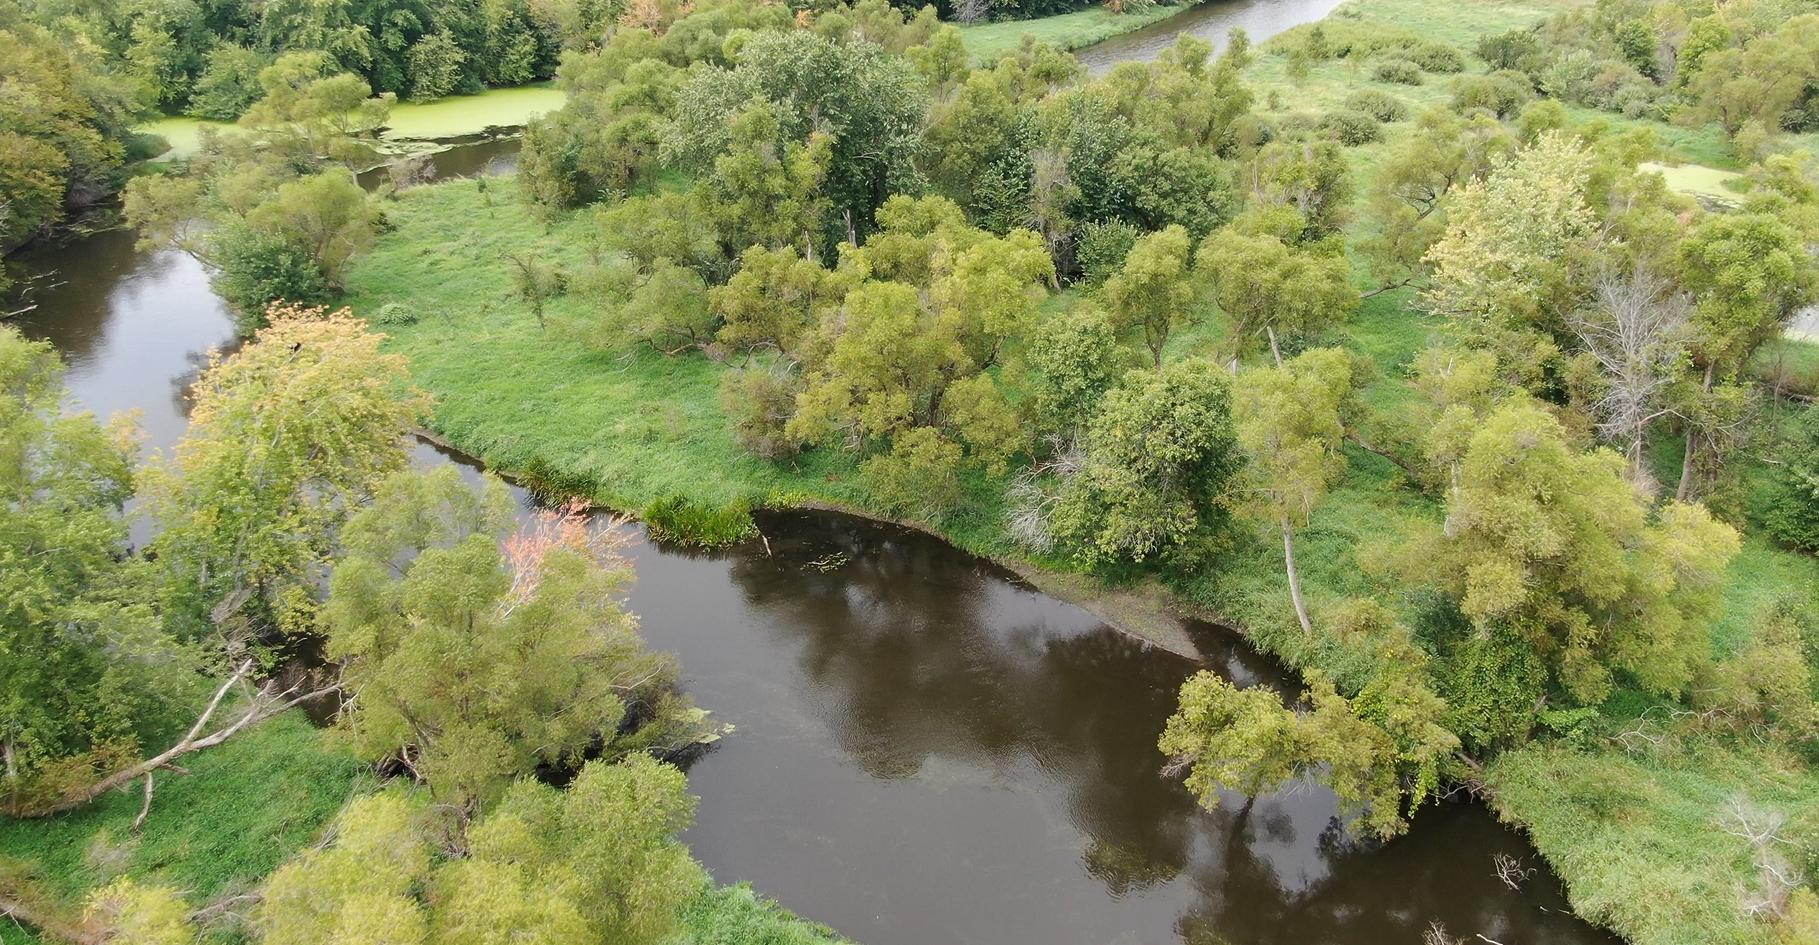 Sauk River drone